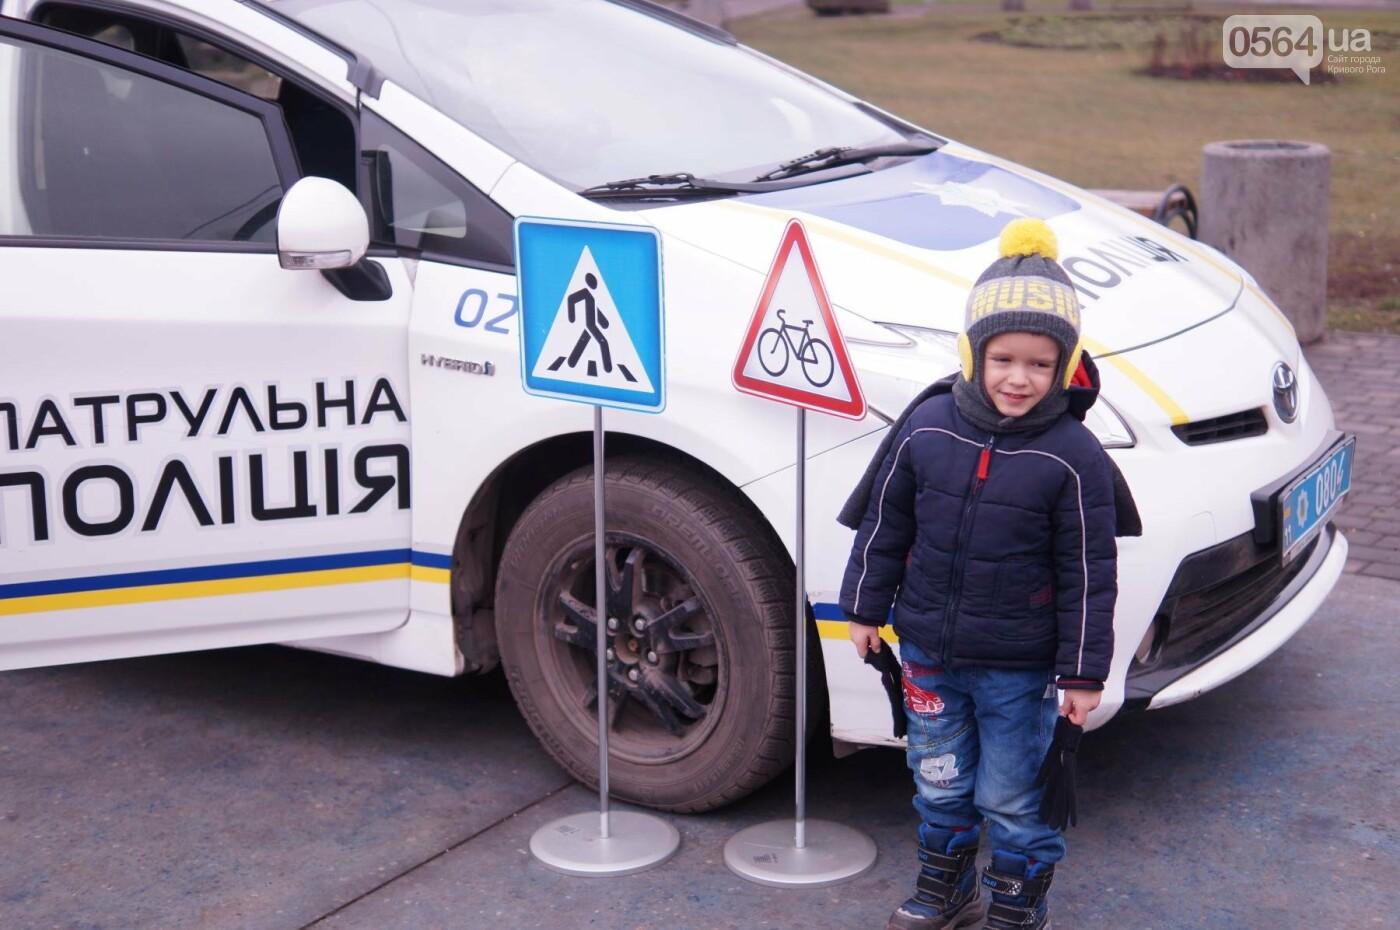 Встреча криворожских полицейских с детьми закончилась преждевременно (ФОТО), фото-29